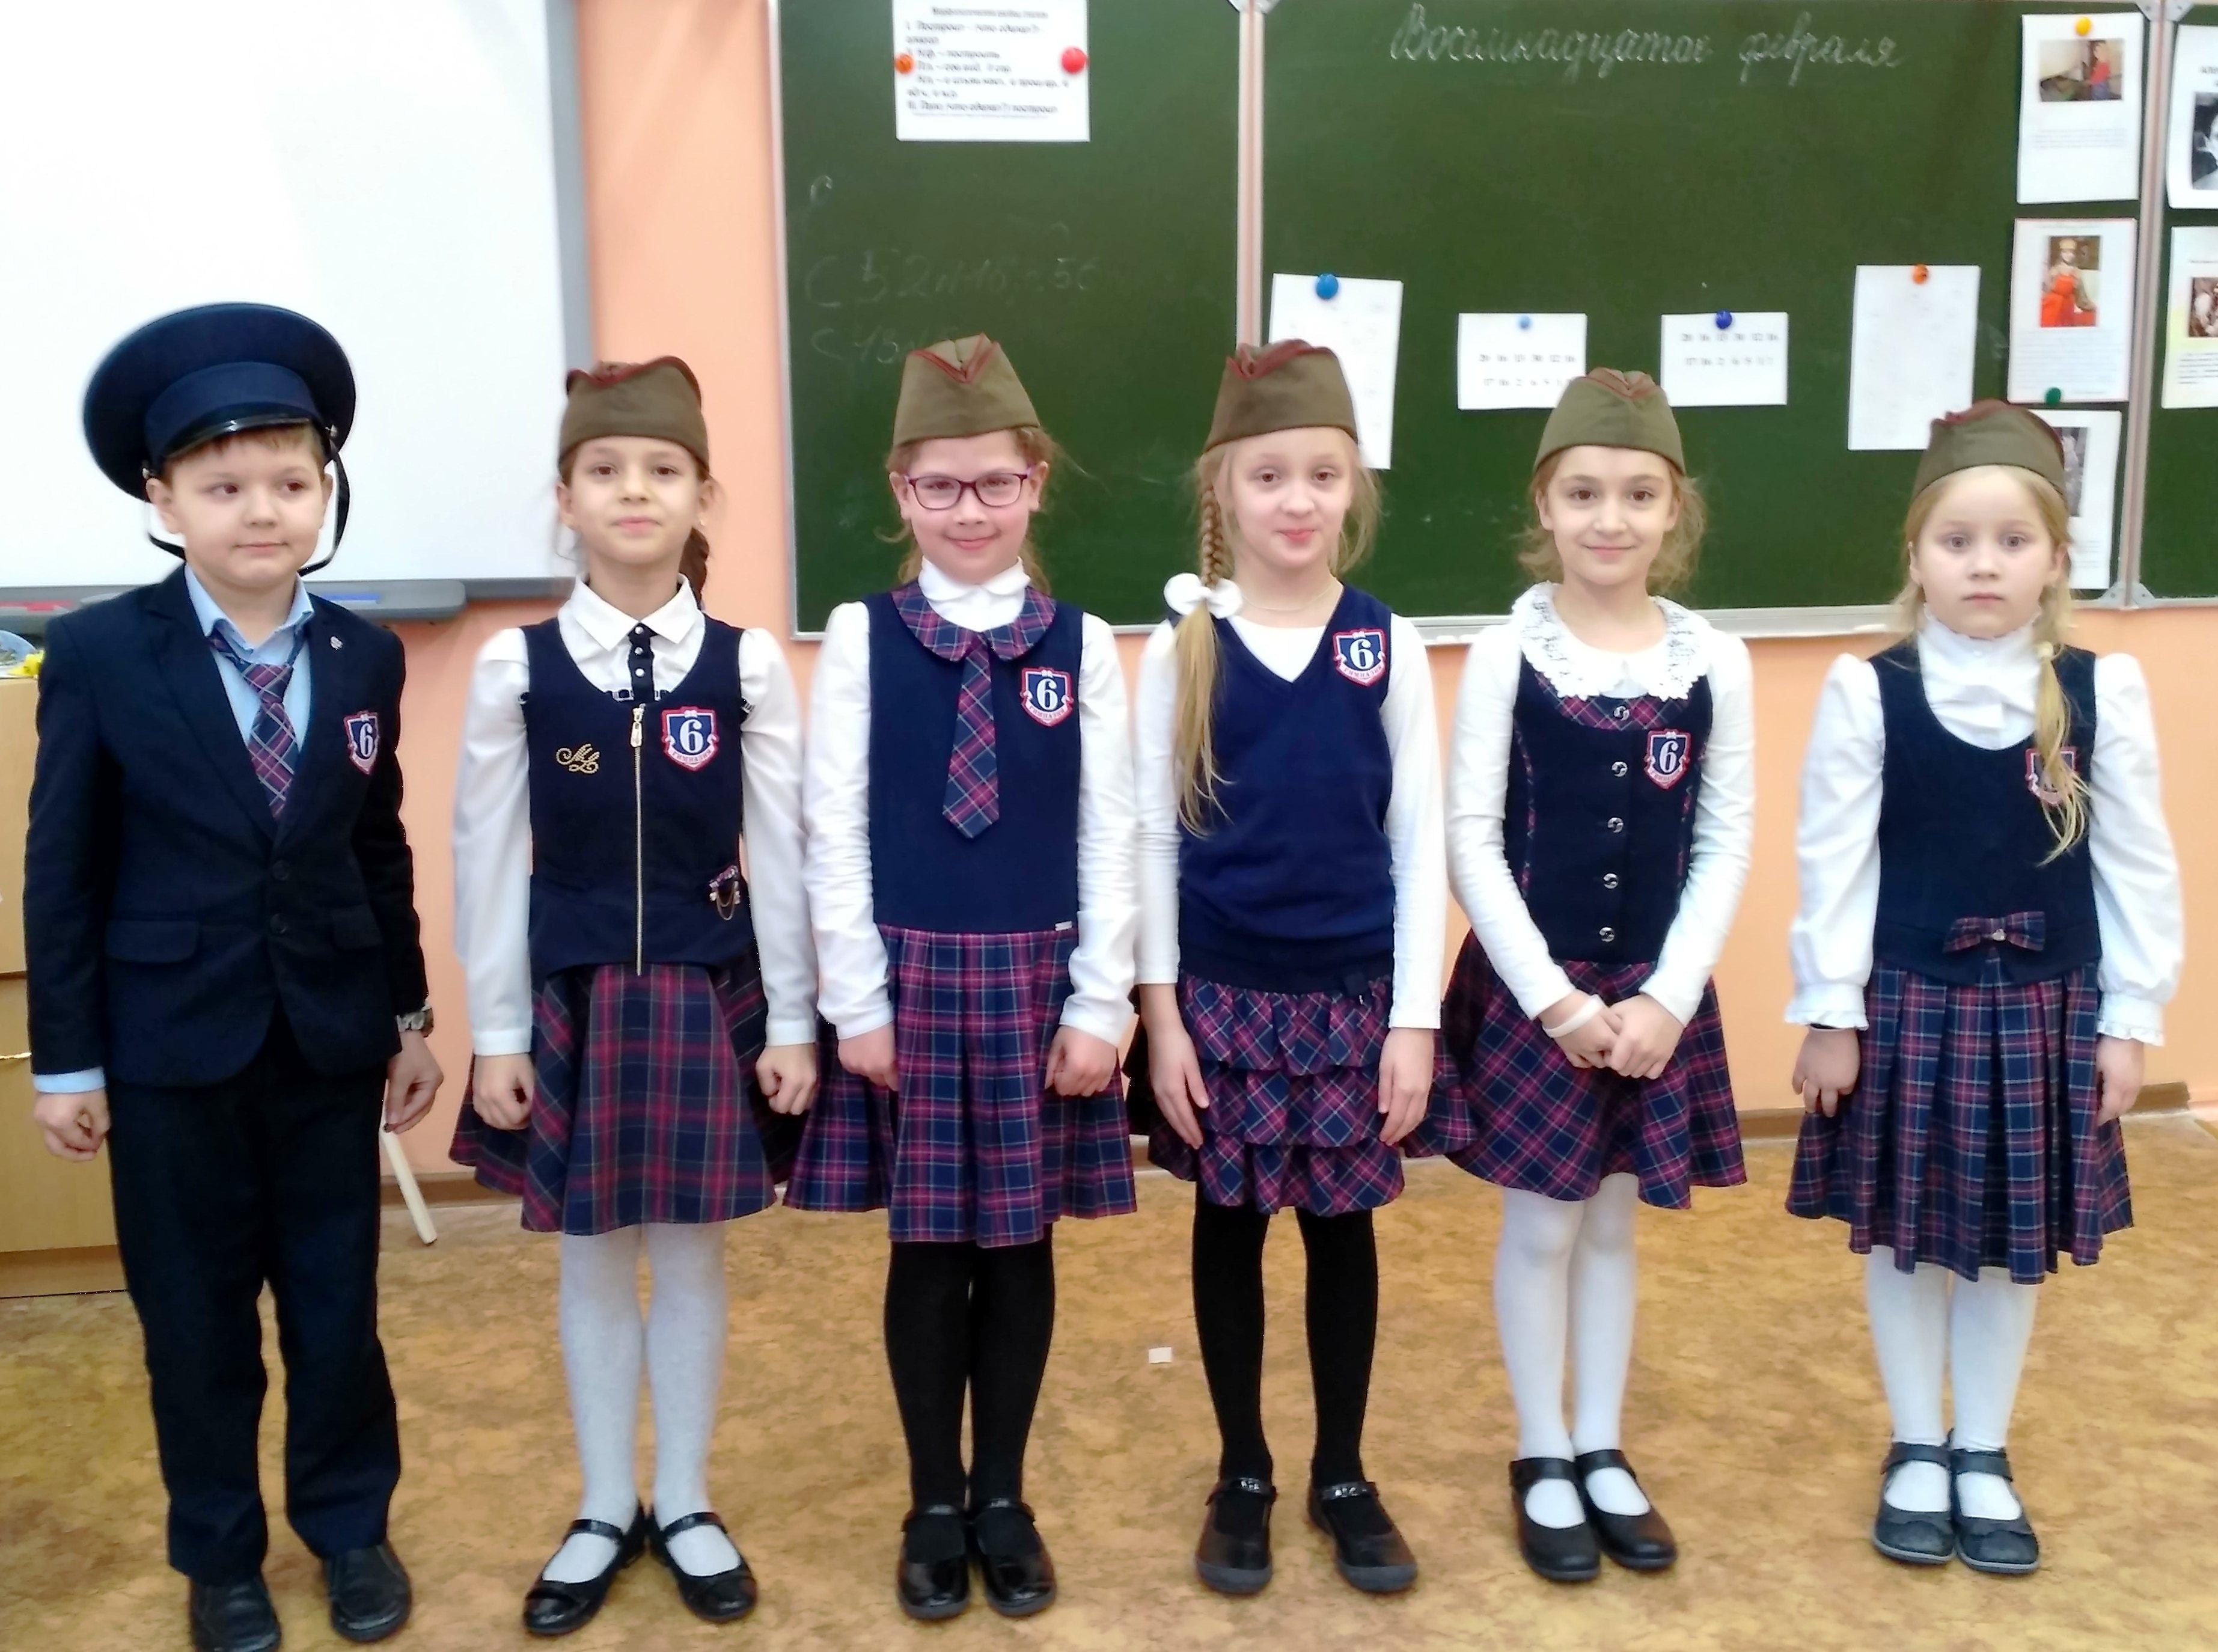 День защитника Отечества в начальной школе 2020